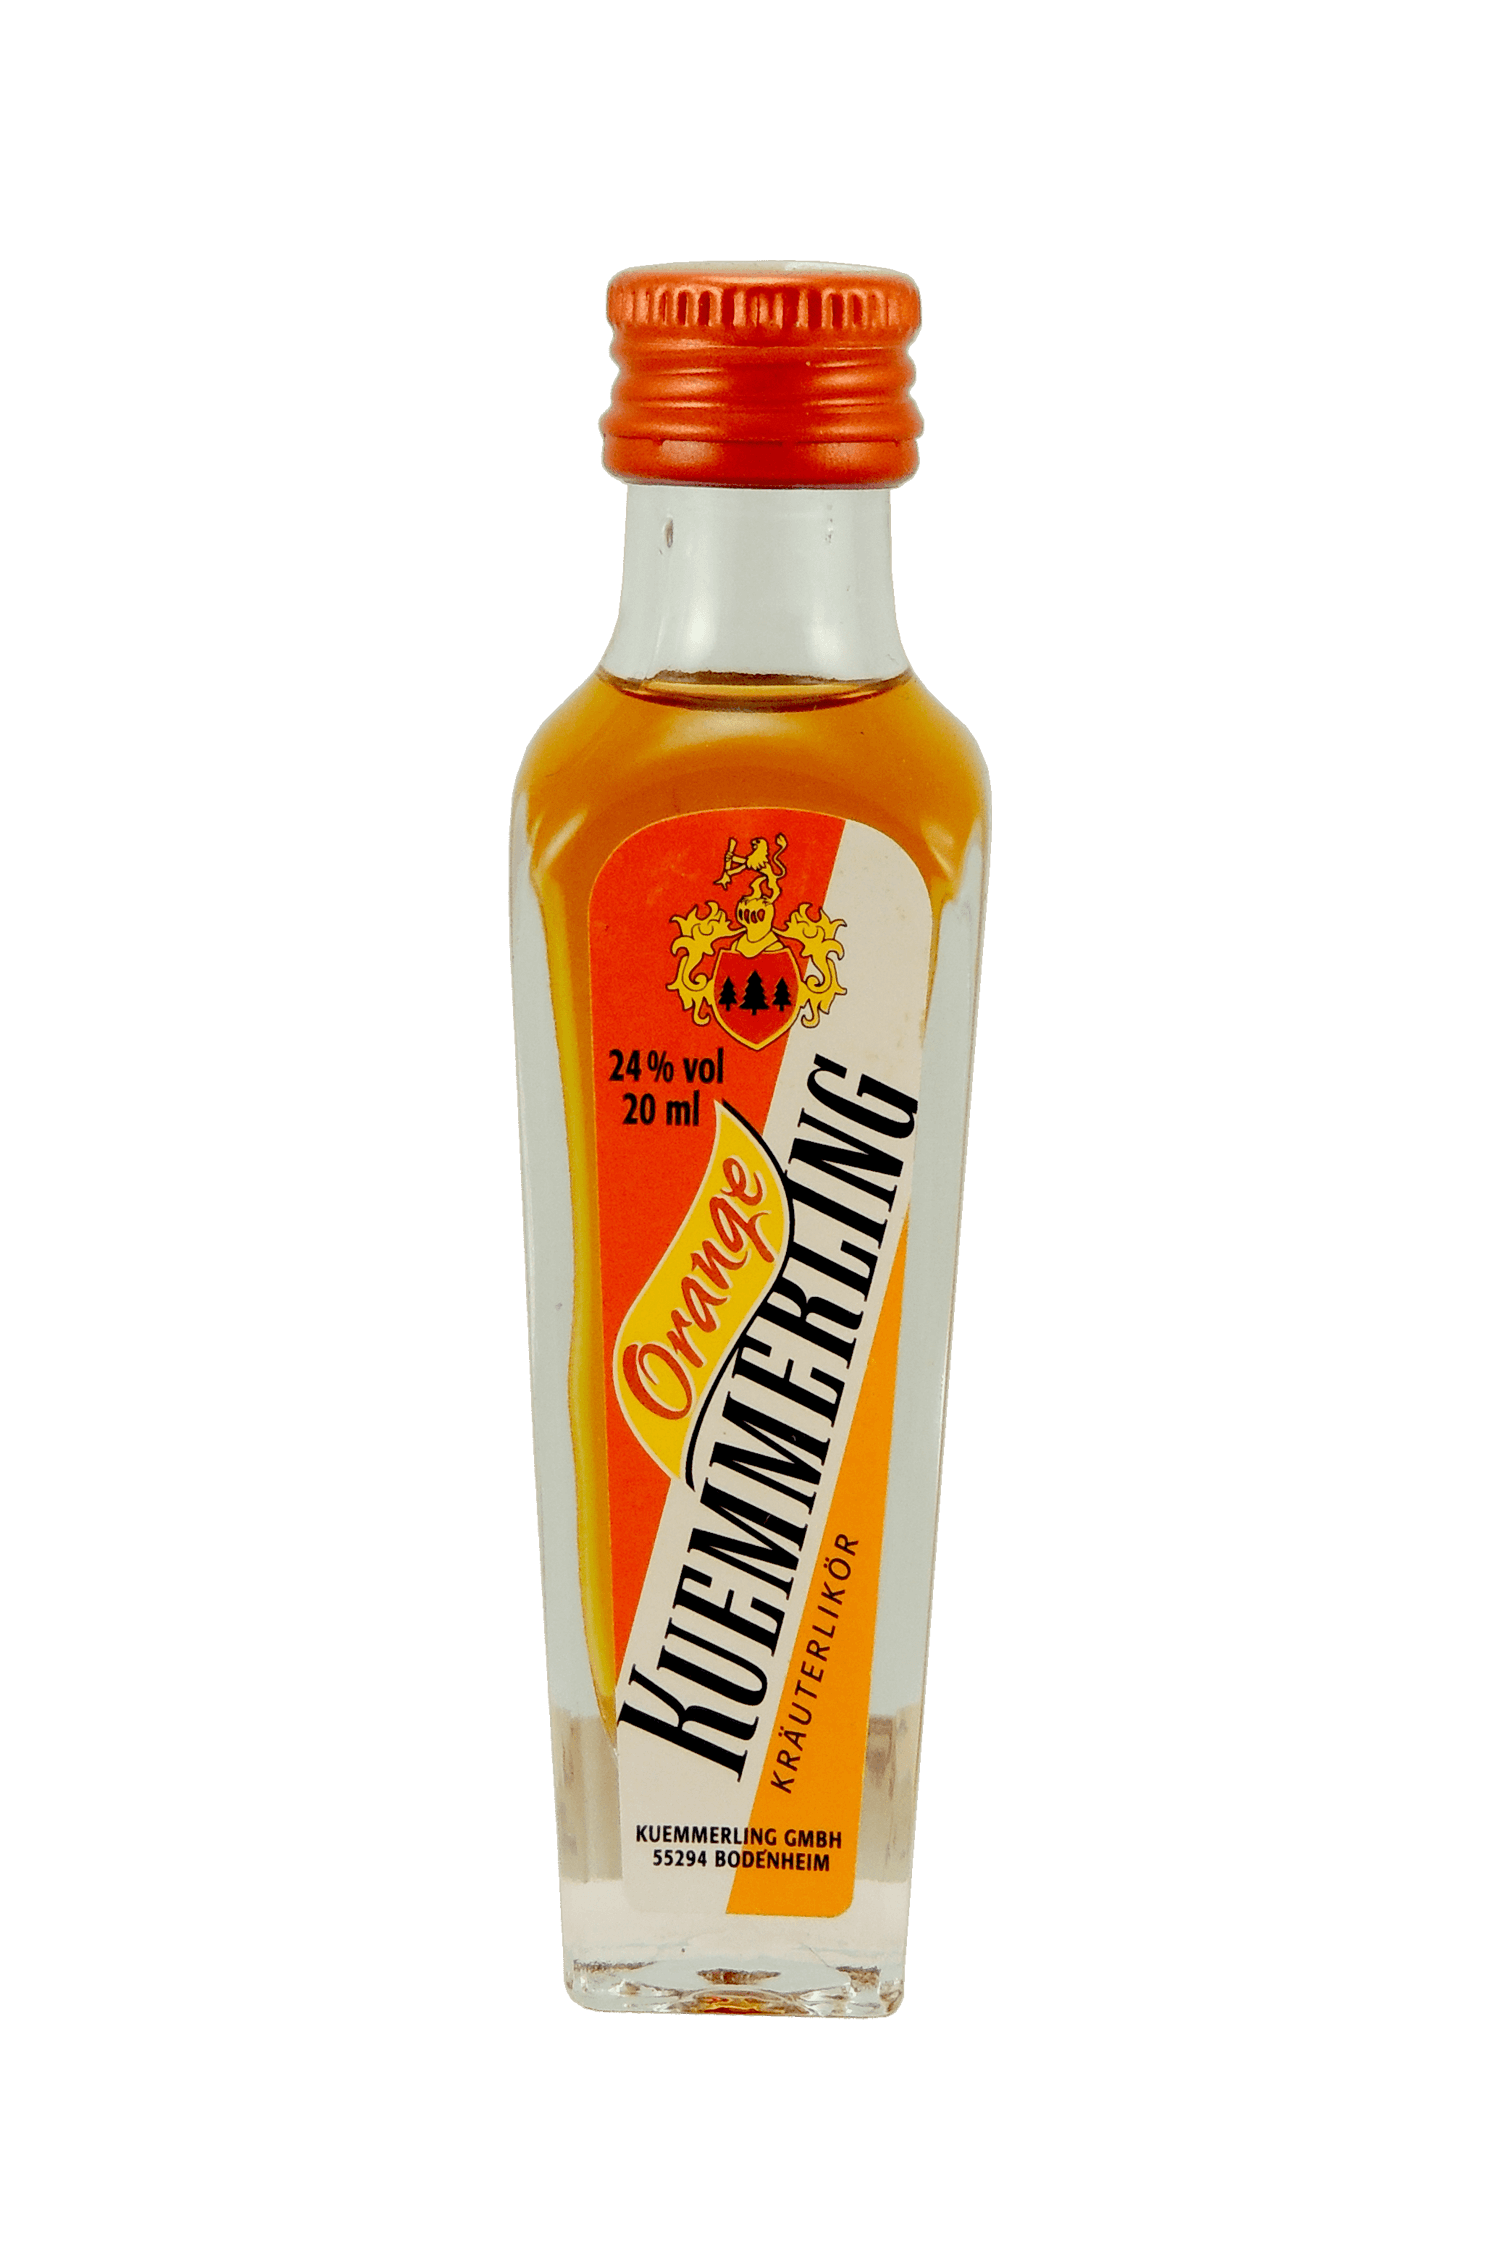 Kuemmerling Orange